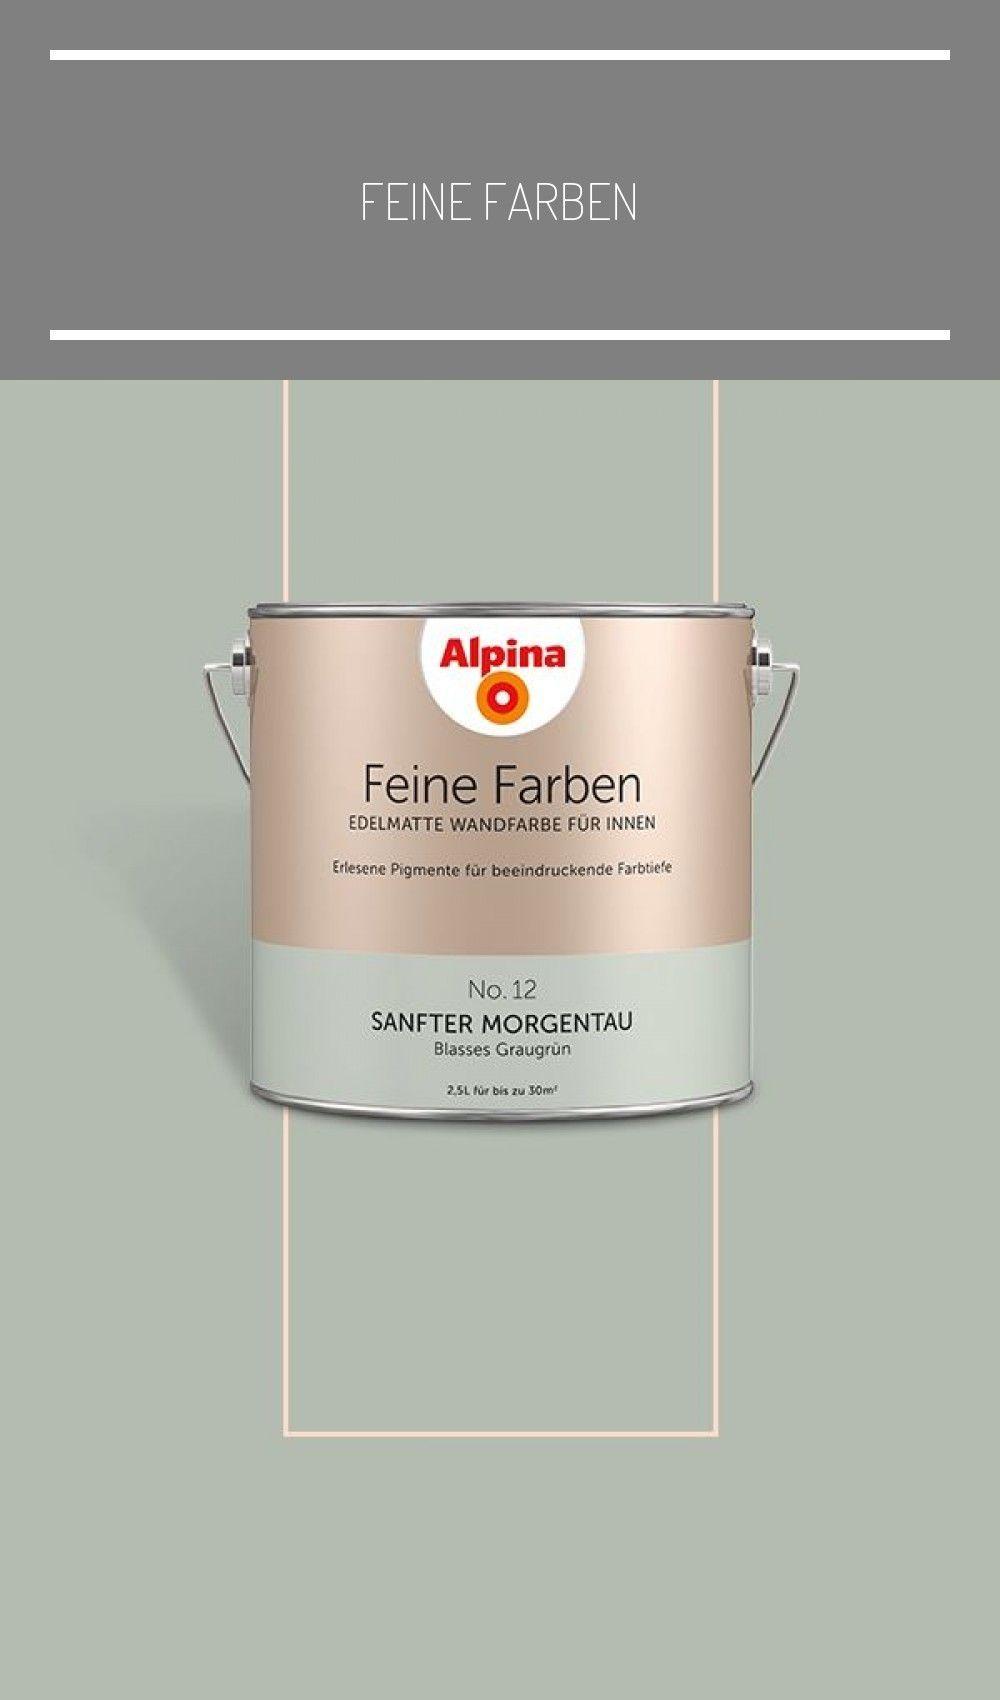 Erlesene Pigmente Sorgen Fur Unsere Alpina Feine Farben